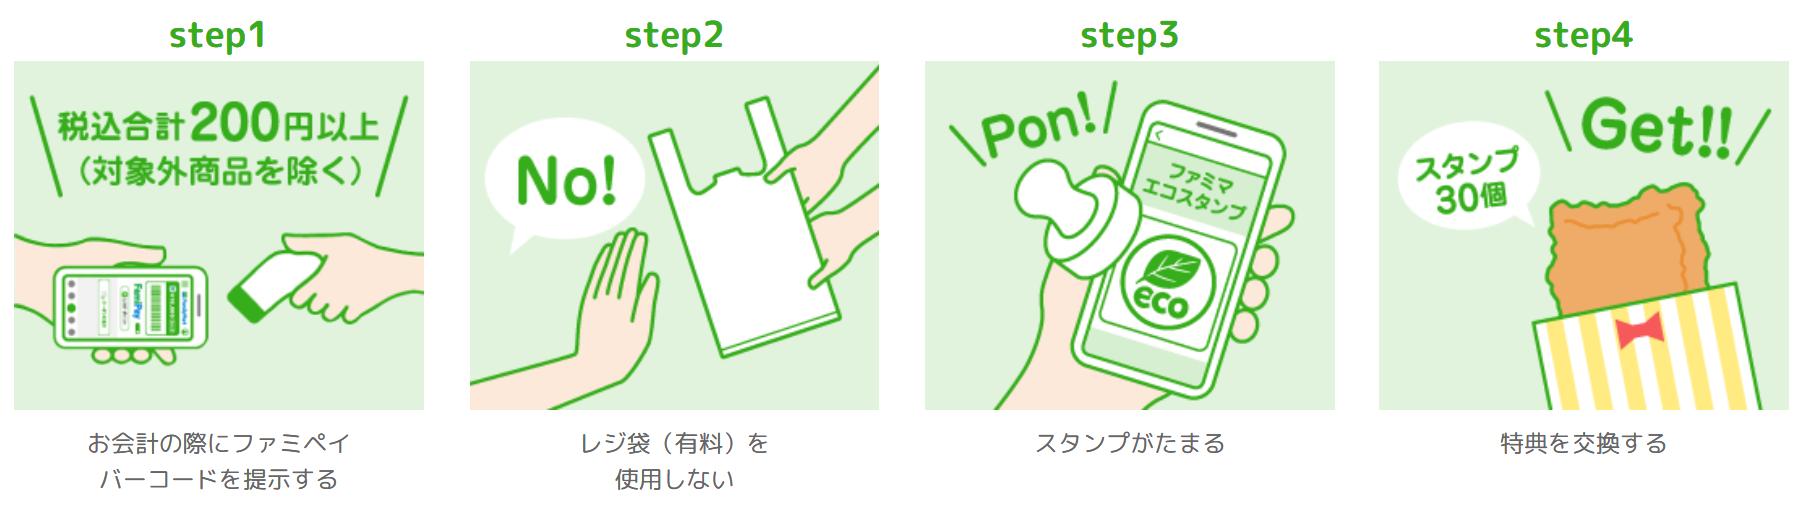 照片中提到了step3、step4、step1,跟法達克有關,包含了草、商標、牌、產品設計、設計